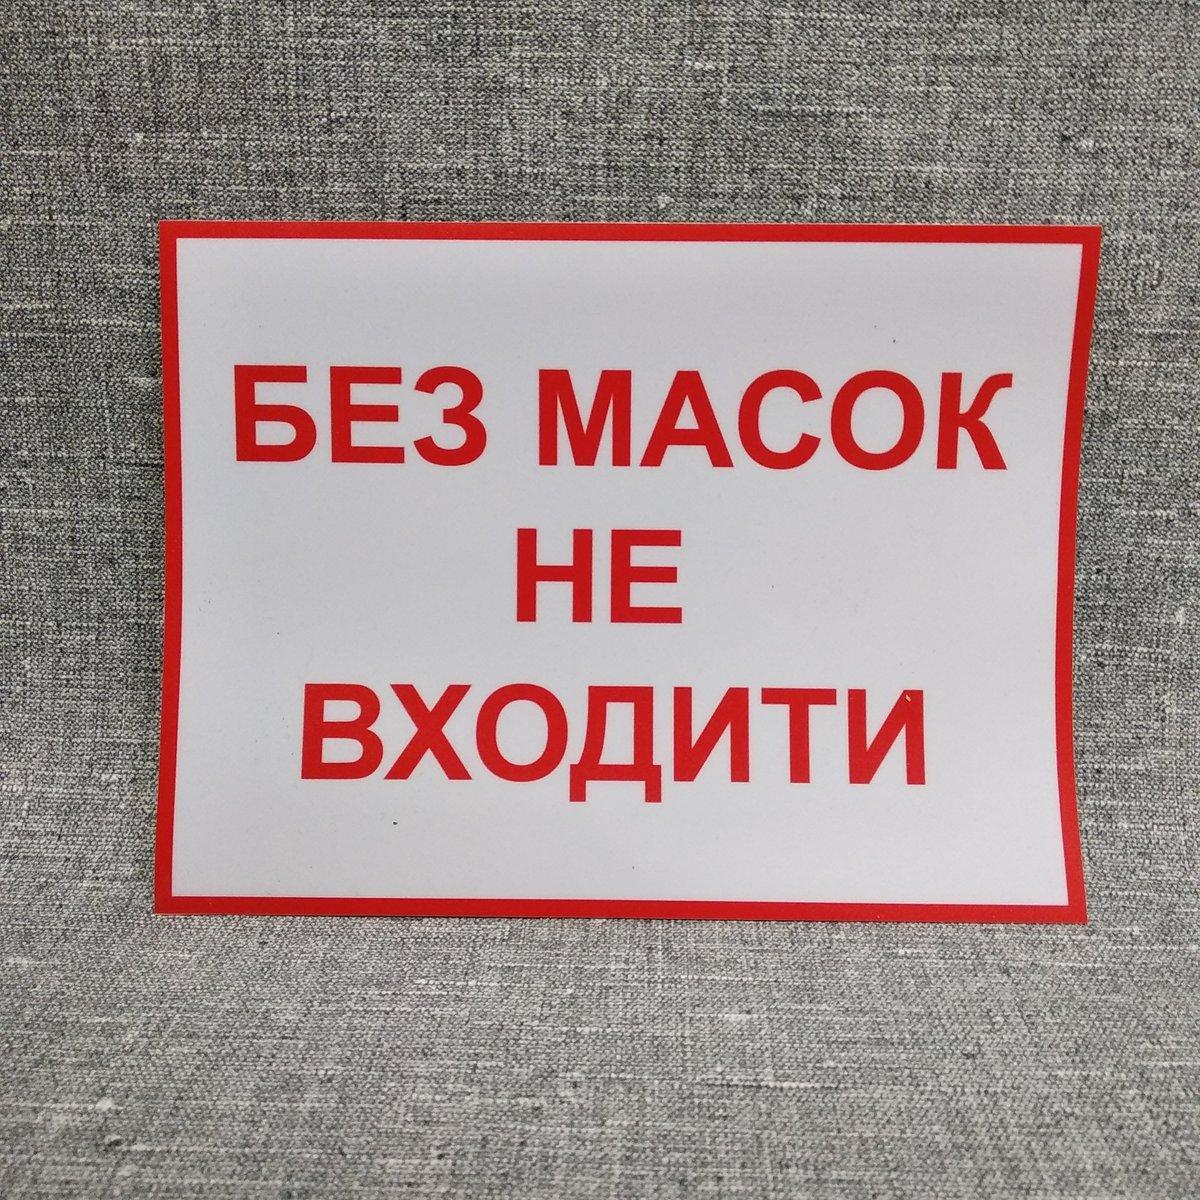 Наклейка Без масок не входить